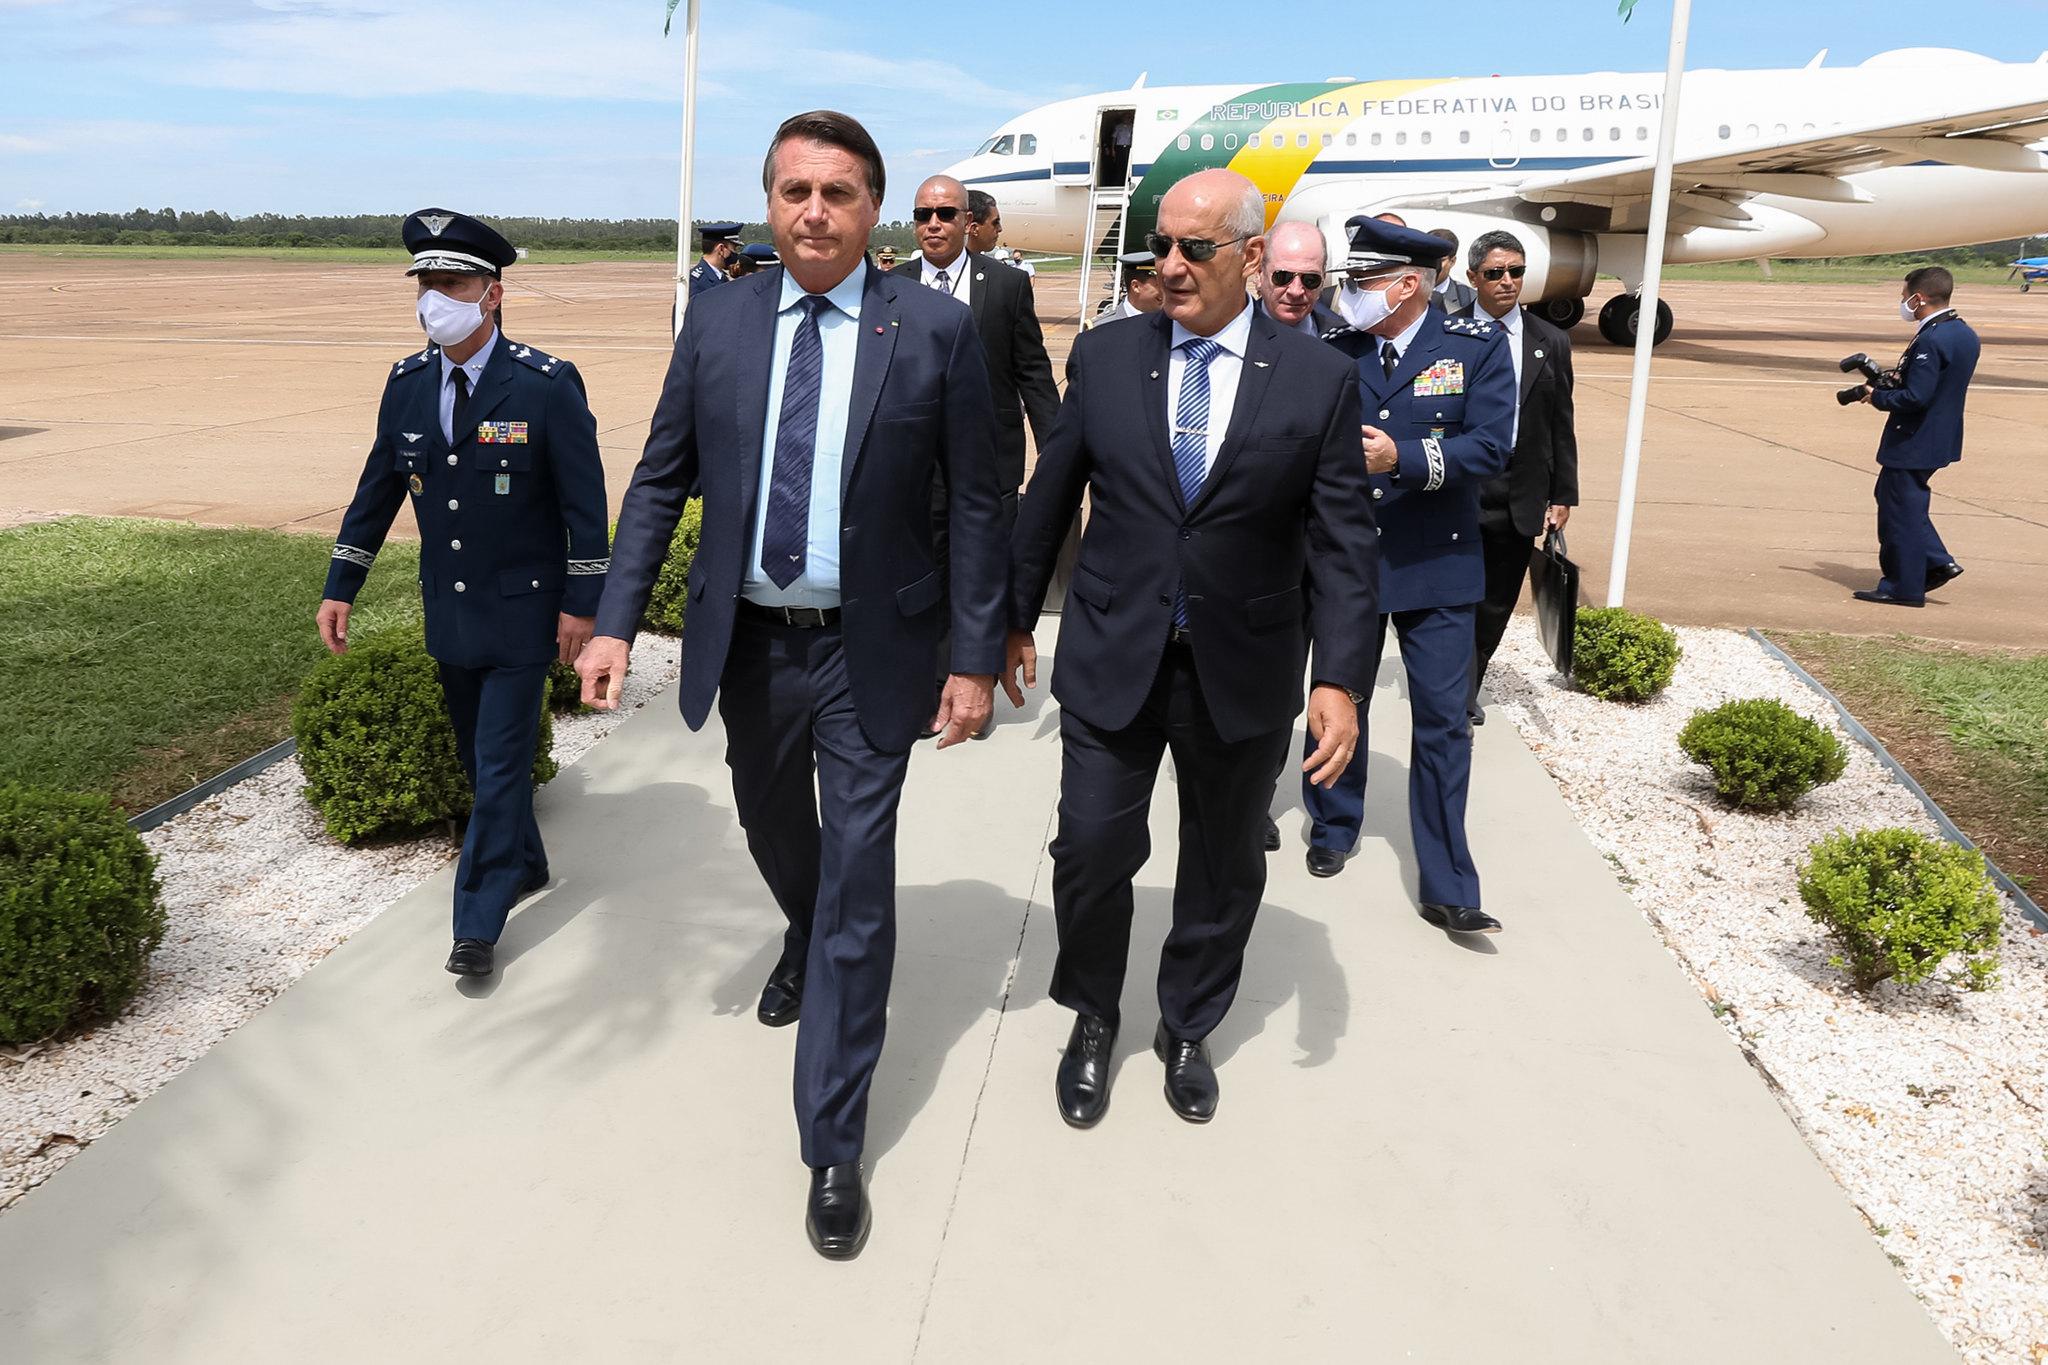 Bolsonaro chega ao Aeródromo da Academia da Força Aérea em Pirassununga. Foto: Marcos Corrêa/PR